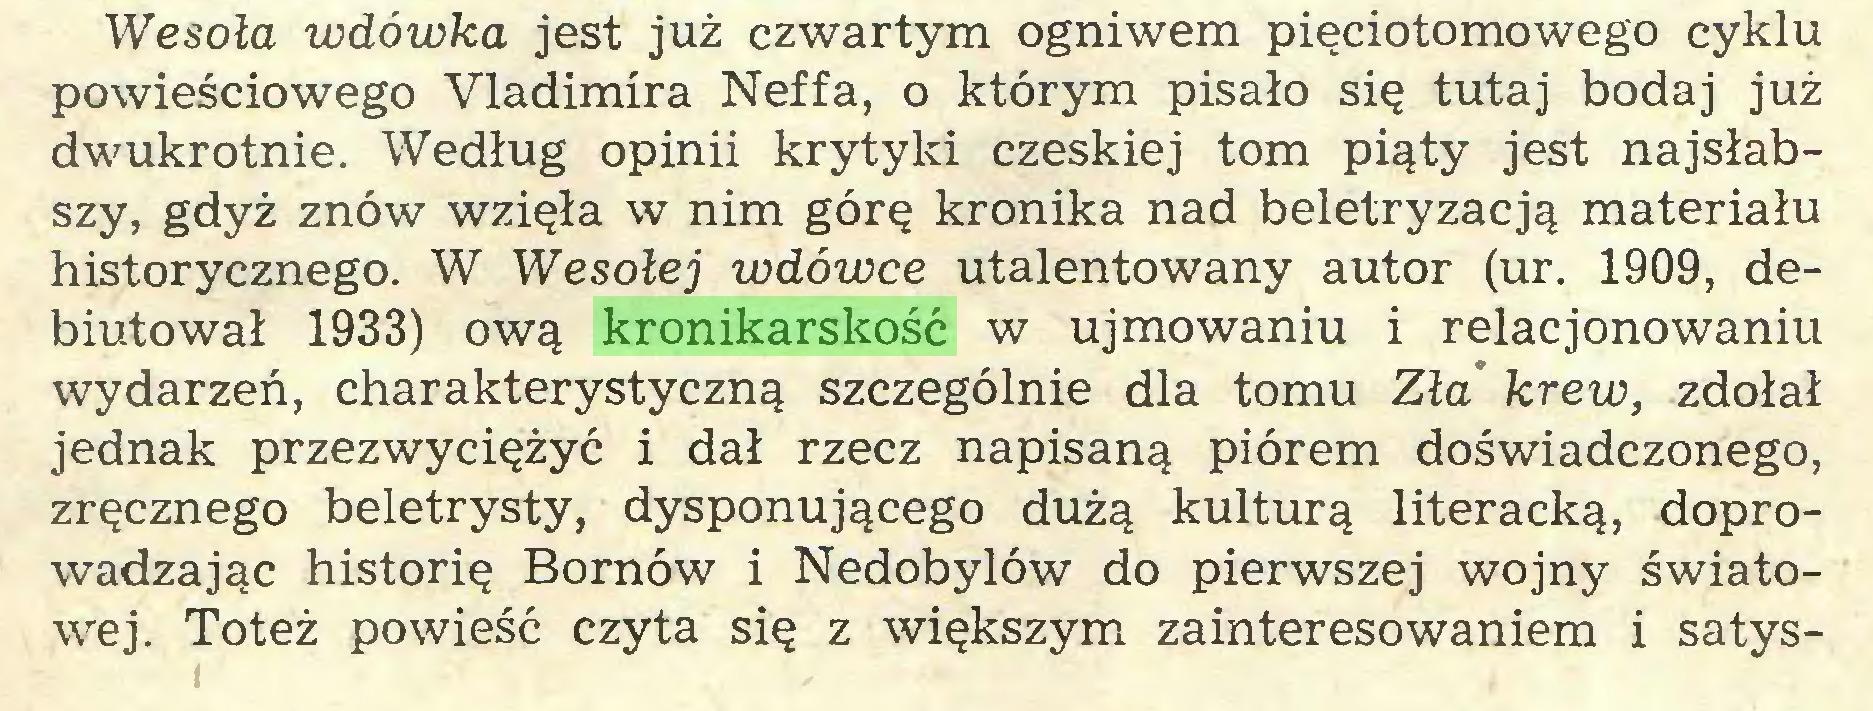 (...) Wesoła wdówka jest już czwartym ogniwem pięciotomowego cyklu powieściowego Vladimira Neffa, o którym pisało się tutaj bodaj już dwukrotnie. Według opinii krytyki czeskiej tom piąty jest najsłabszy, gdyż znów wzięła w nim górę kronika nad beletryzacją materiału historycznego. W Wesołej wdówce utalentowany autor (ur. 1909, debiutował 1933) ową kronikarskość w ujmowaniu i relacjonowaniu wydarzeń, charakterystyczną szczególnie dla tomu Zła krew, zdołał jednak przezwyciężyć i dał rzecz napisaną piórem doświadczonego, zręcznego beletrysty, dysponującego dużą kulturą literacką, doprowadzając historię Bornów i Nedobylów do pierwszej wojny światowej. Toteż powieść czyta się z większym zainteresowaniem i satys...